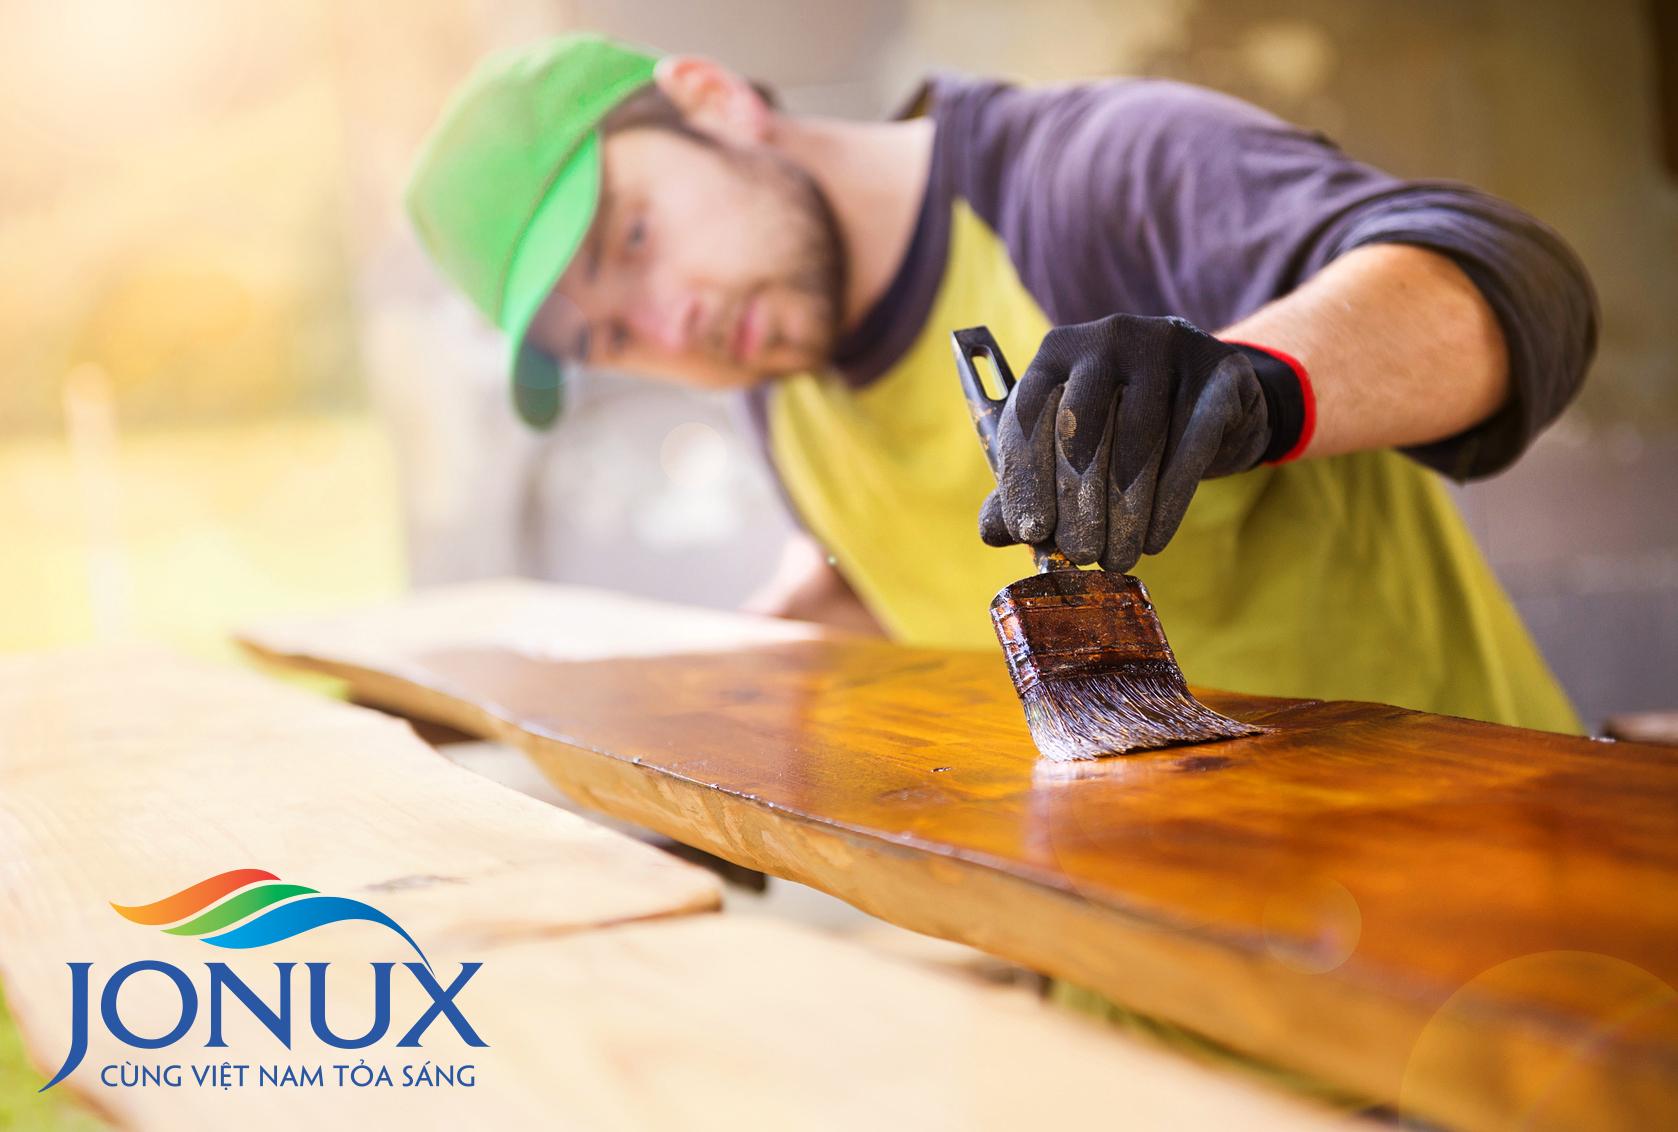 sơn công nghiệp cho gỗ